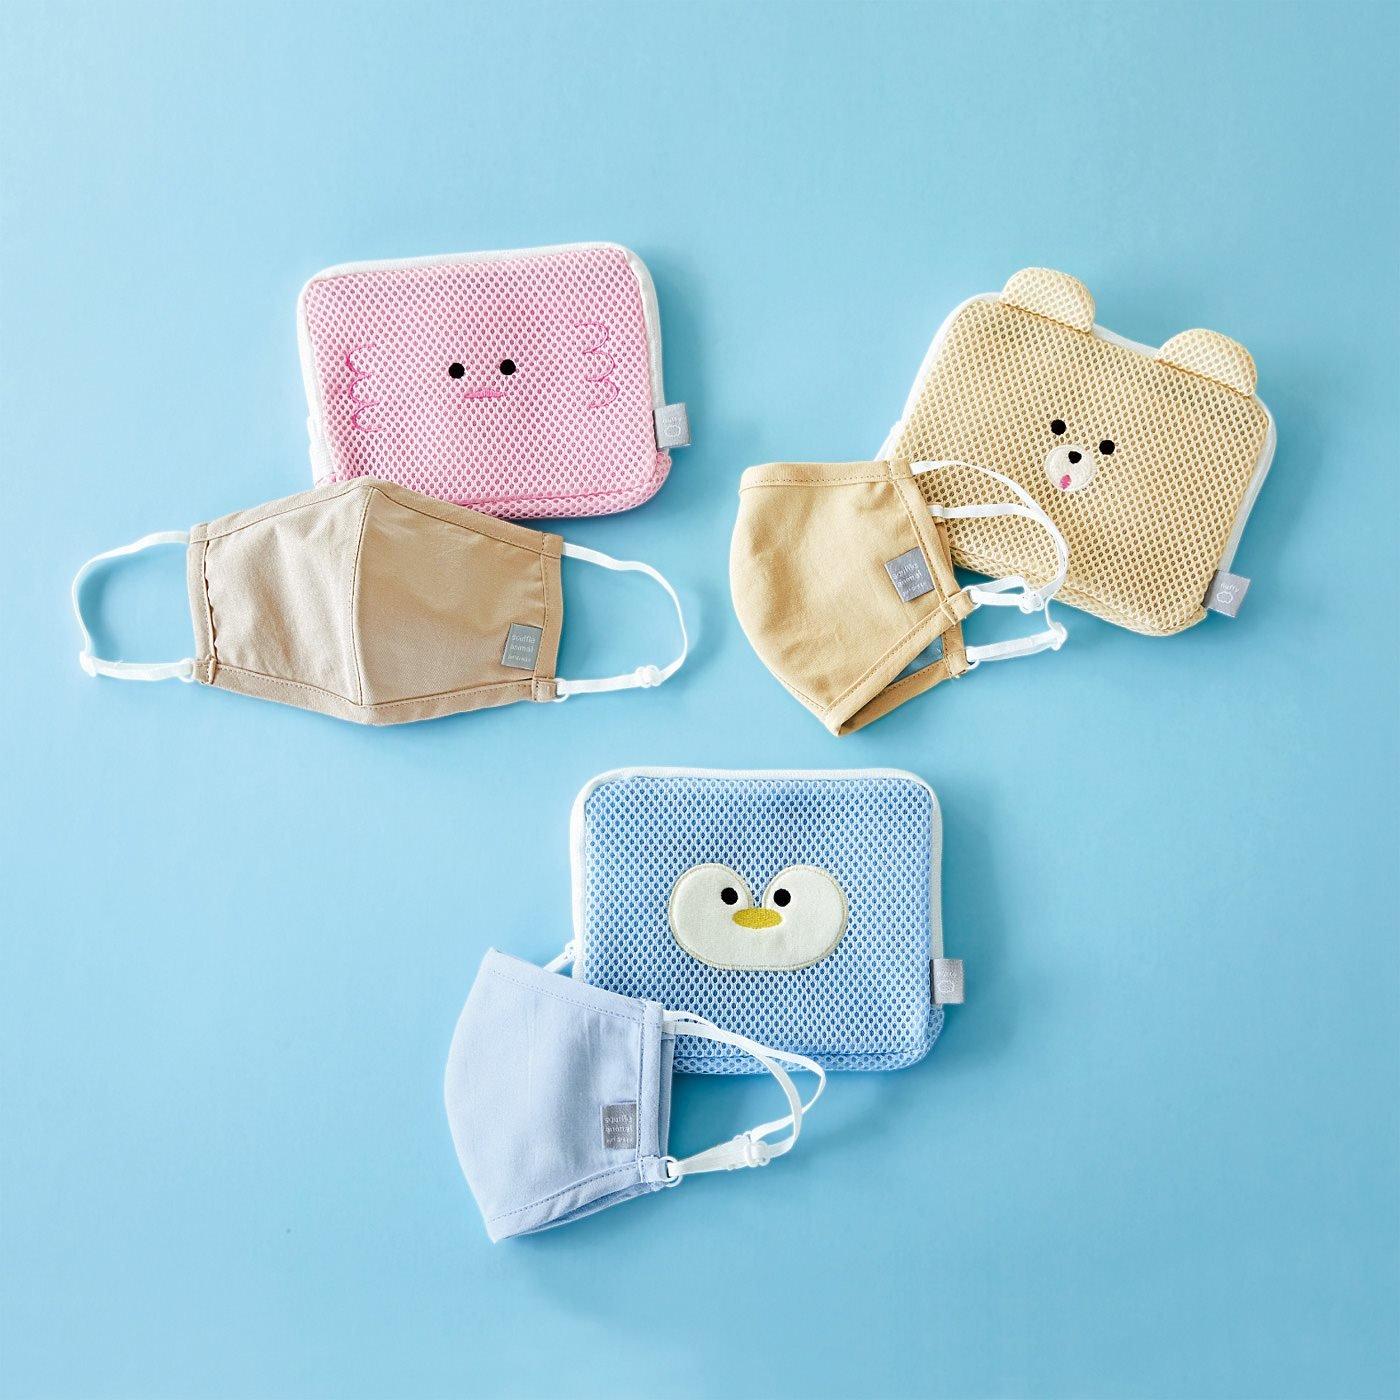 Squee! マスクポーチが洗濯ネットに変身! 冷感マスク&アニマルフェイスのマスクポーチセット